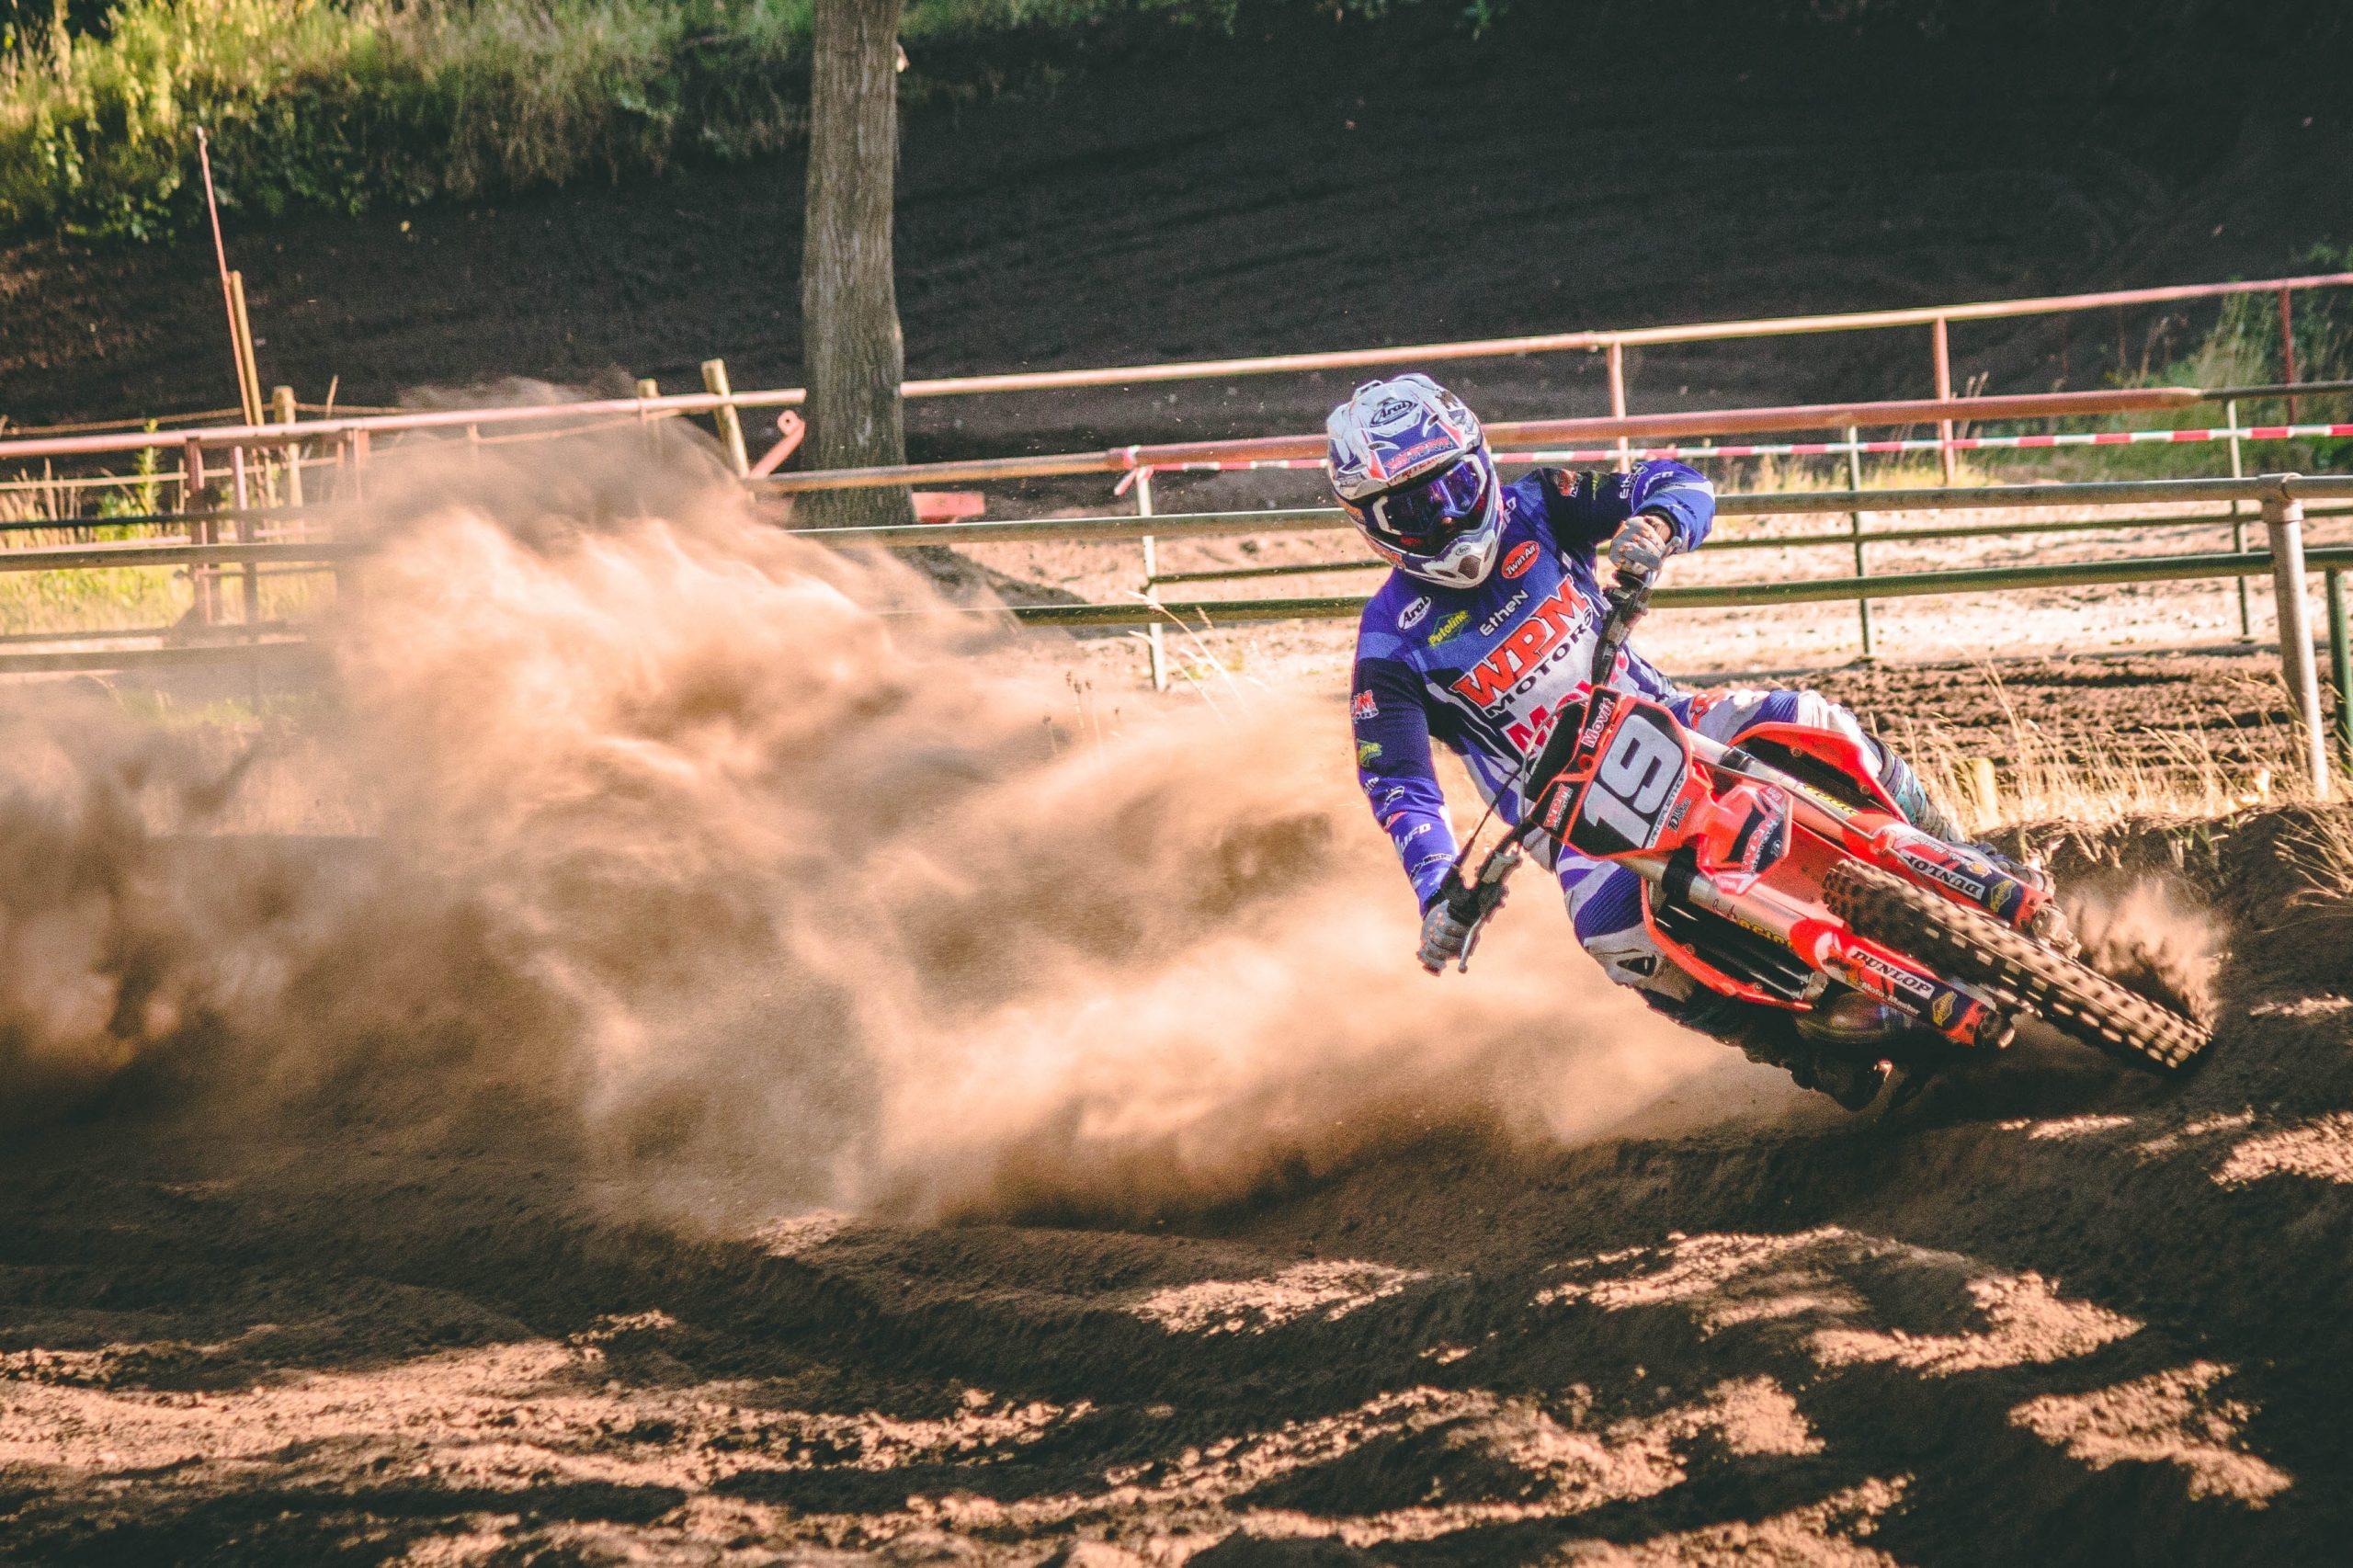 Motocross injuries